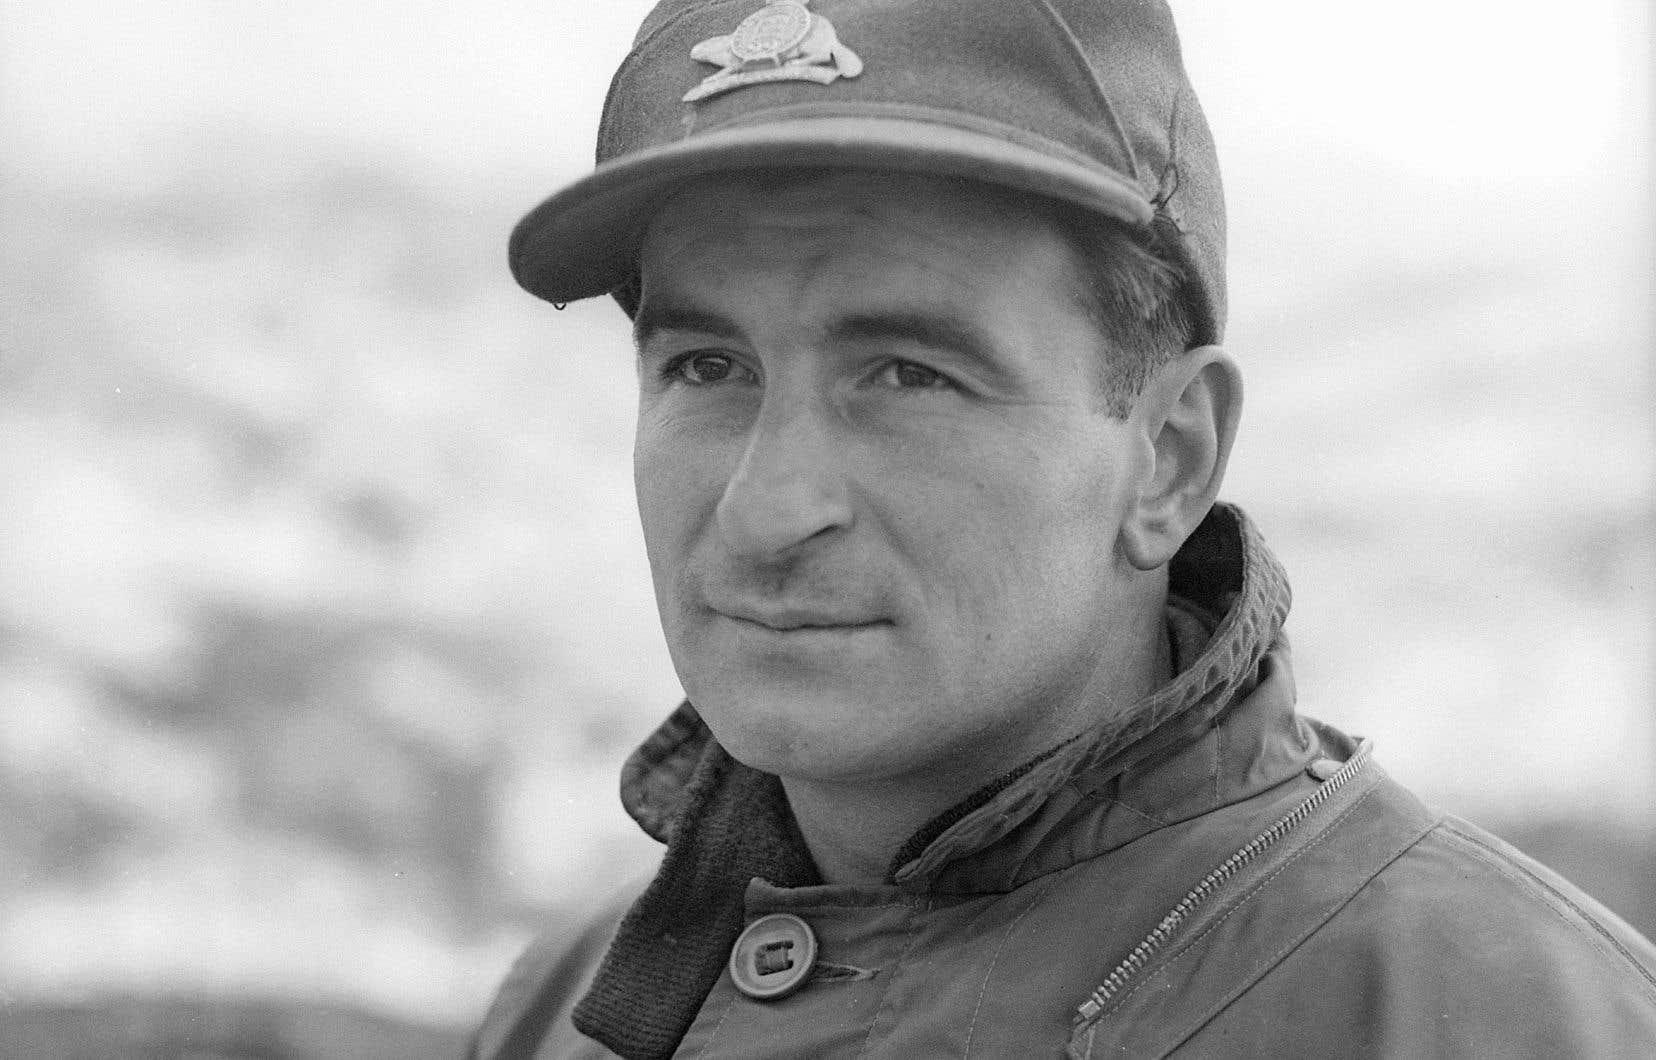 Le soldat québécois Léo Major est une figure historique pour certains.